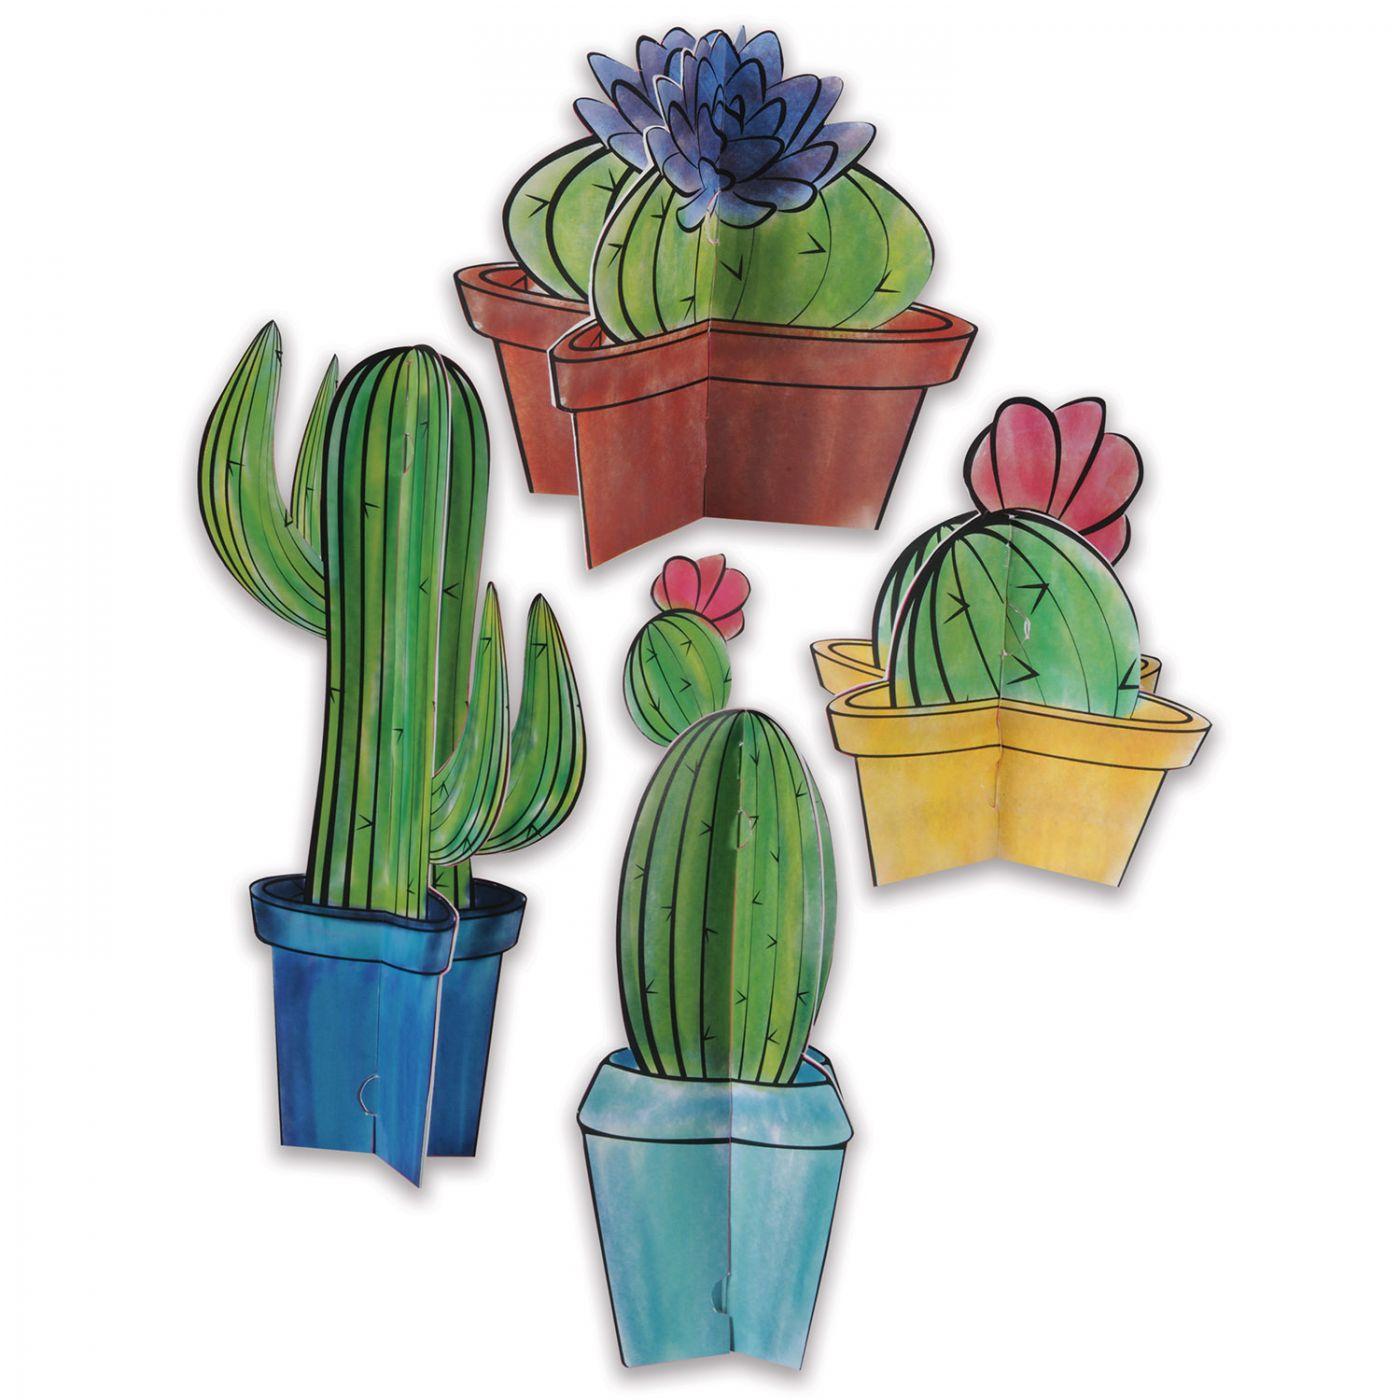 3-D Cactus Centerpieces image